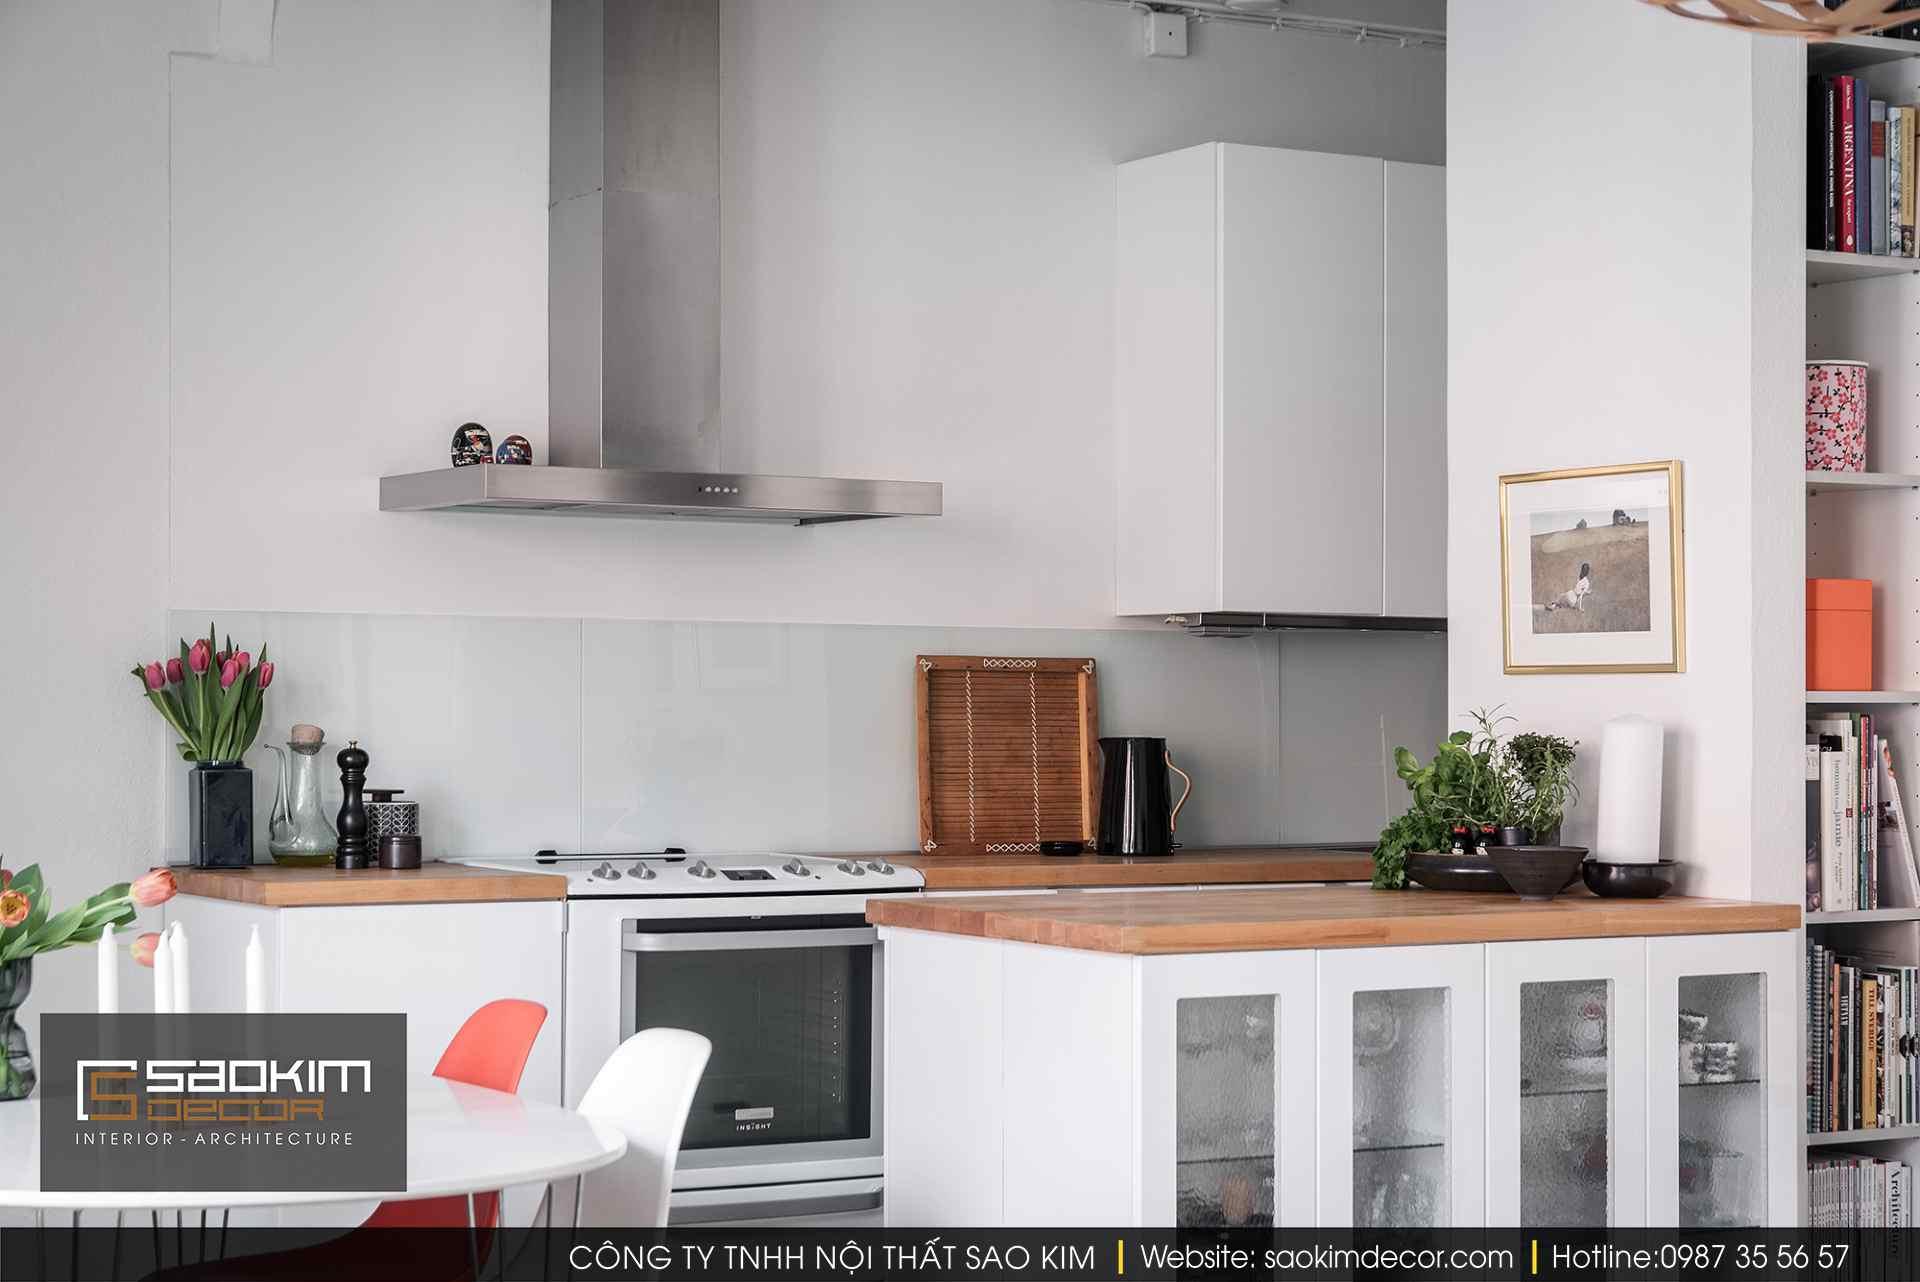 Thiết kế và thi công nội thất phòng bếp phong cách Scandinavian (Bắc Âu)